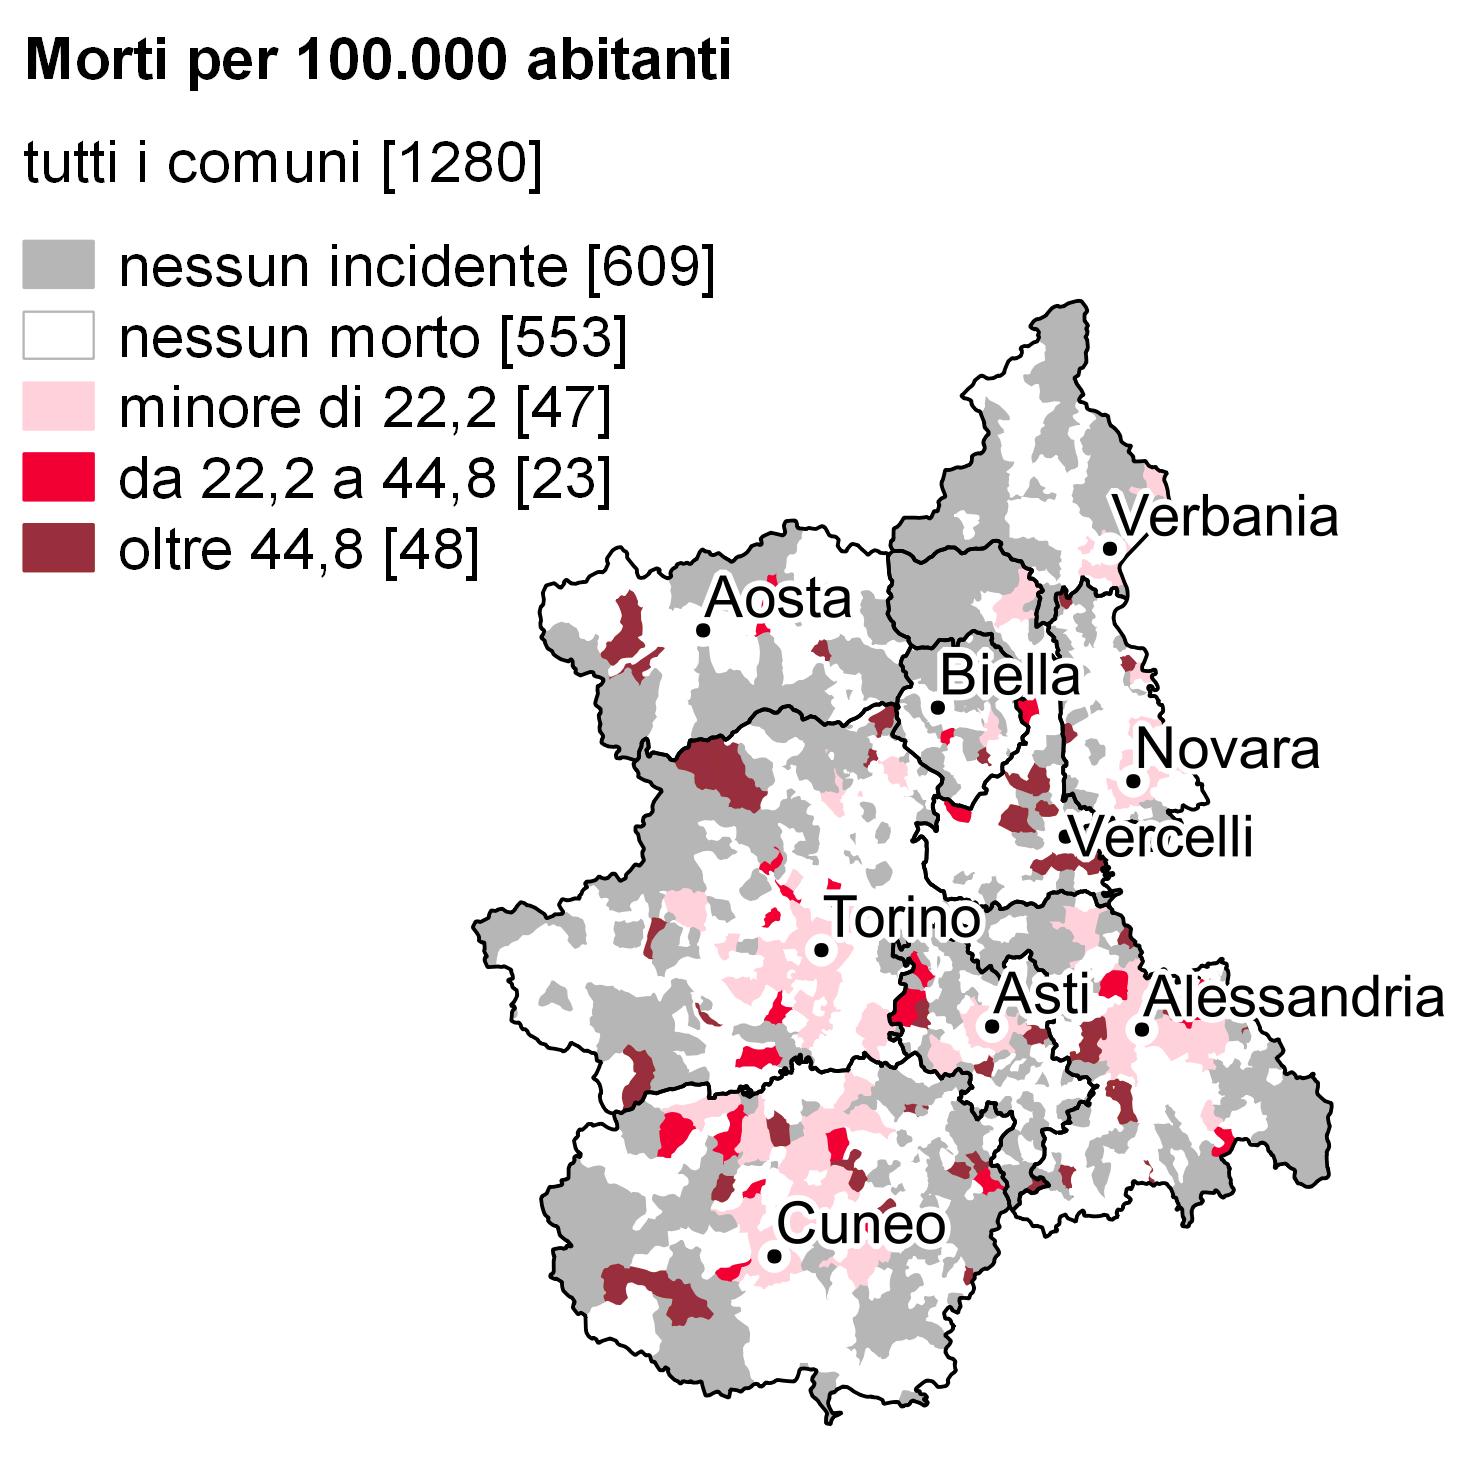 Piemonte Incidenti In Valle Stradali D'aosta E qxOZnvxH1